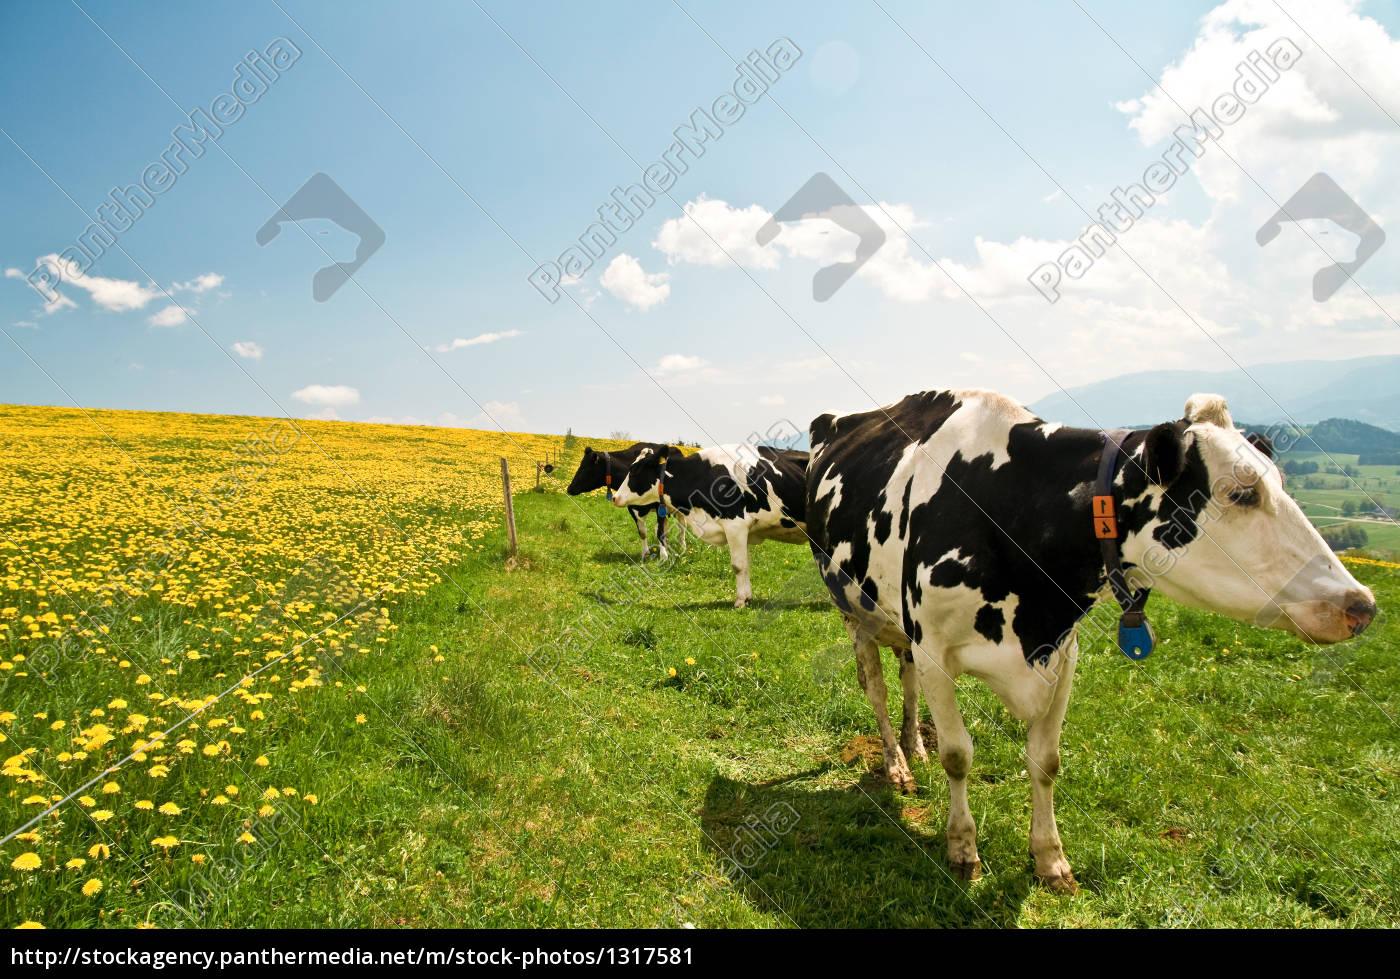 cows, 10 - 1317581